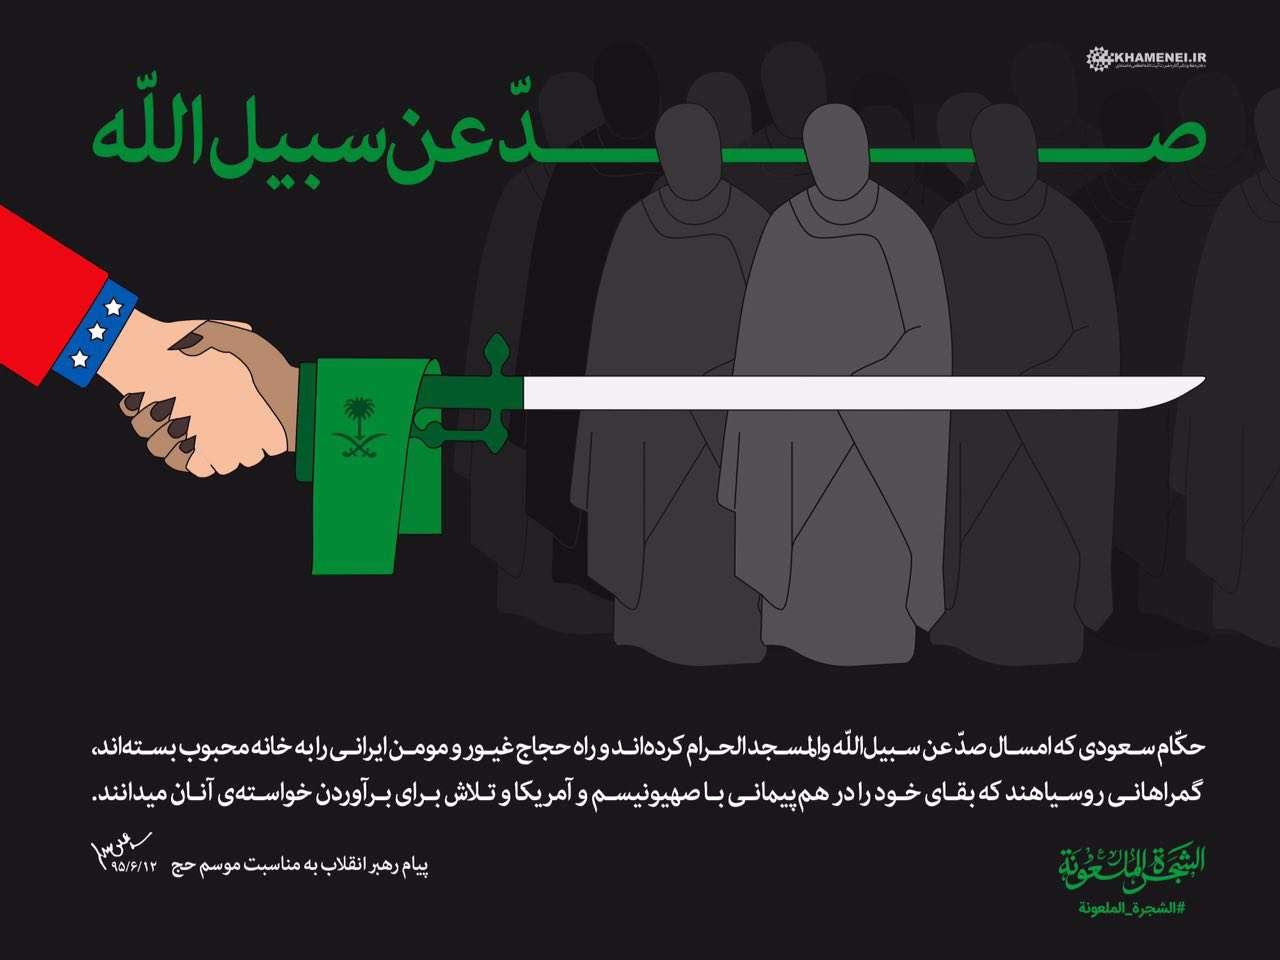 رهبر انقلاب: حكام سعودی در حوادث منا و مسجدالحرام، قطعا مقصرند